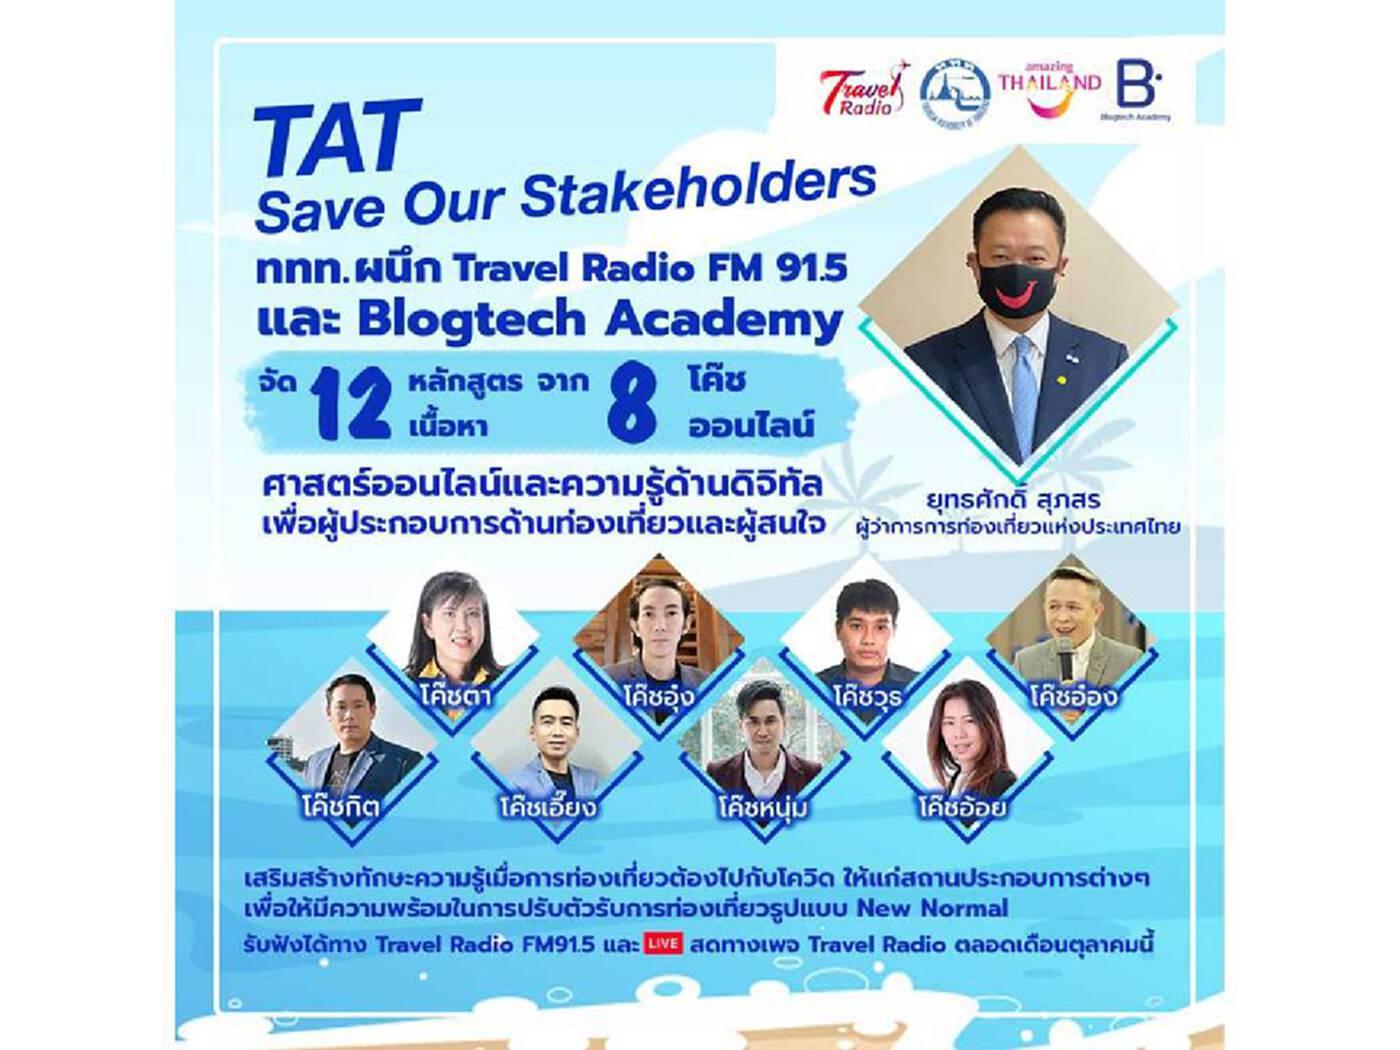 ททท.จัดโครงการ Save Our Stakeholders รับฤดูท่องเที่ยว